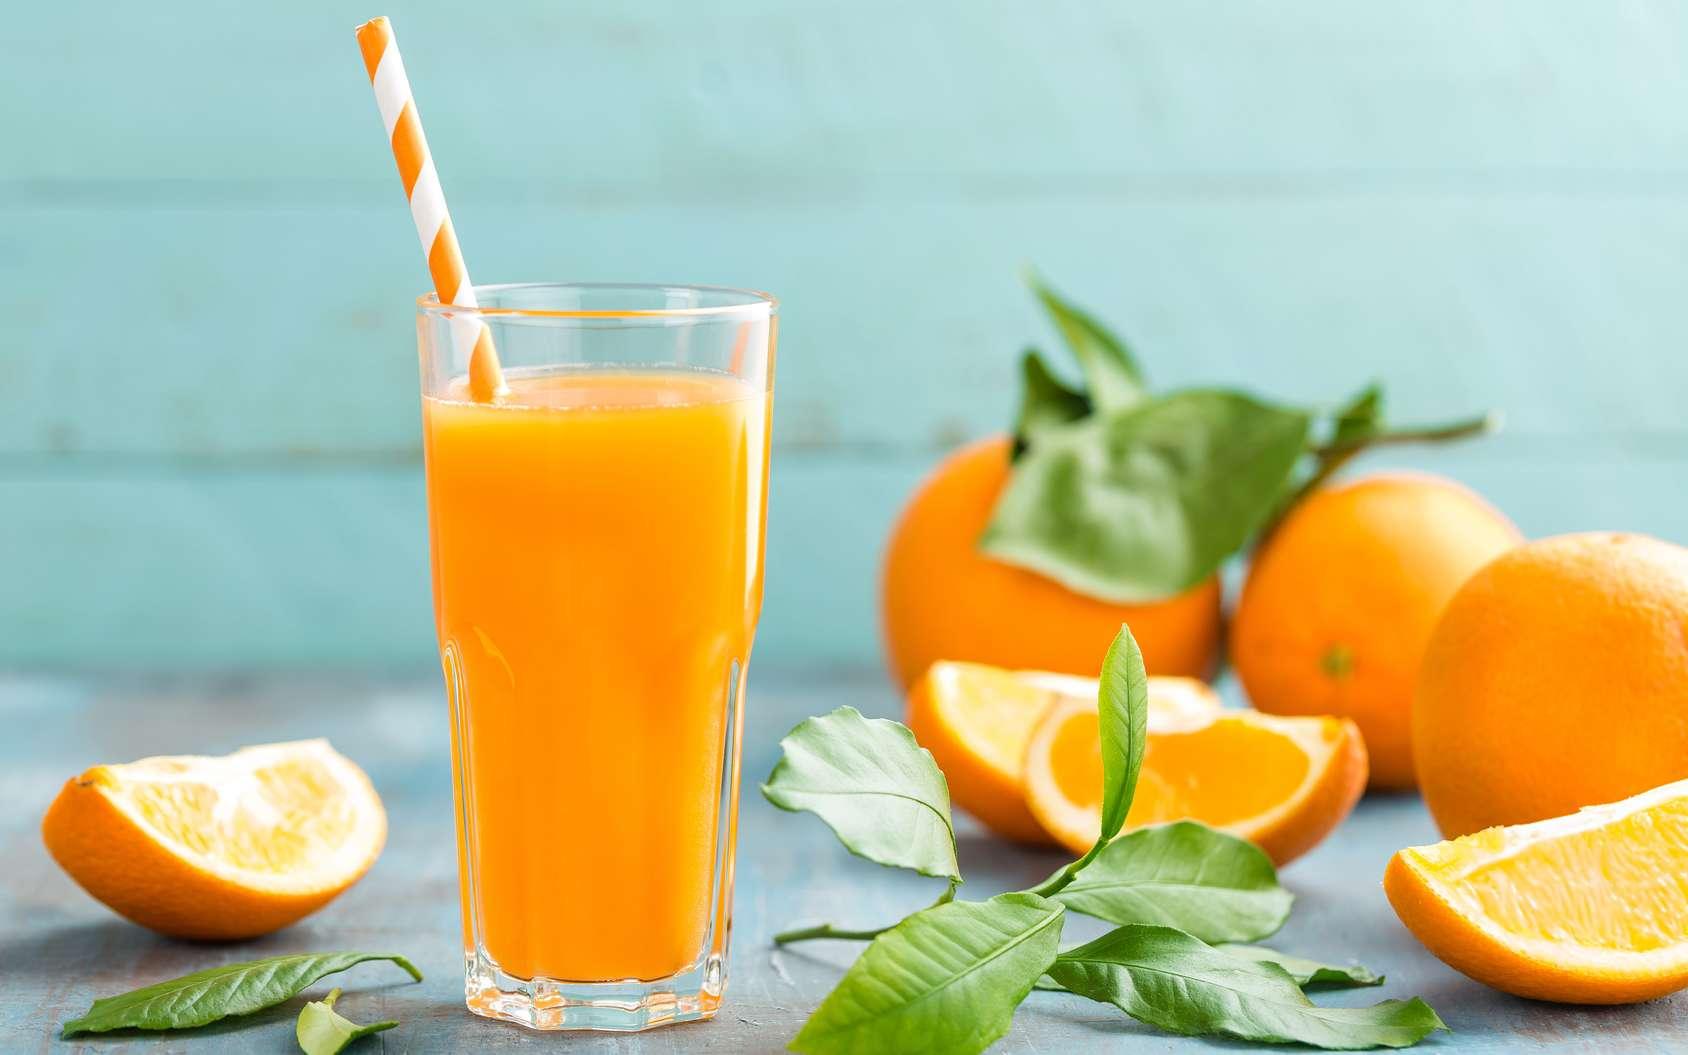 Comme pour les épinards avec le fer, l'orange est réputée pour contenir beaucoup de vitamine C. Certes, elle en contient mais pas autant que d'autres fruits : cassis, goyave ou le kiwi. Néanmoins avec une teneur en vitamine C de 60 mg pour 100 g, elle reste très intéressante. © Sea Wave, Fotolia